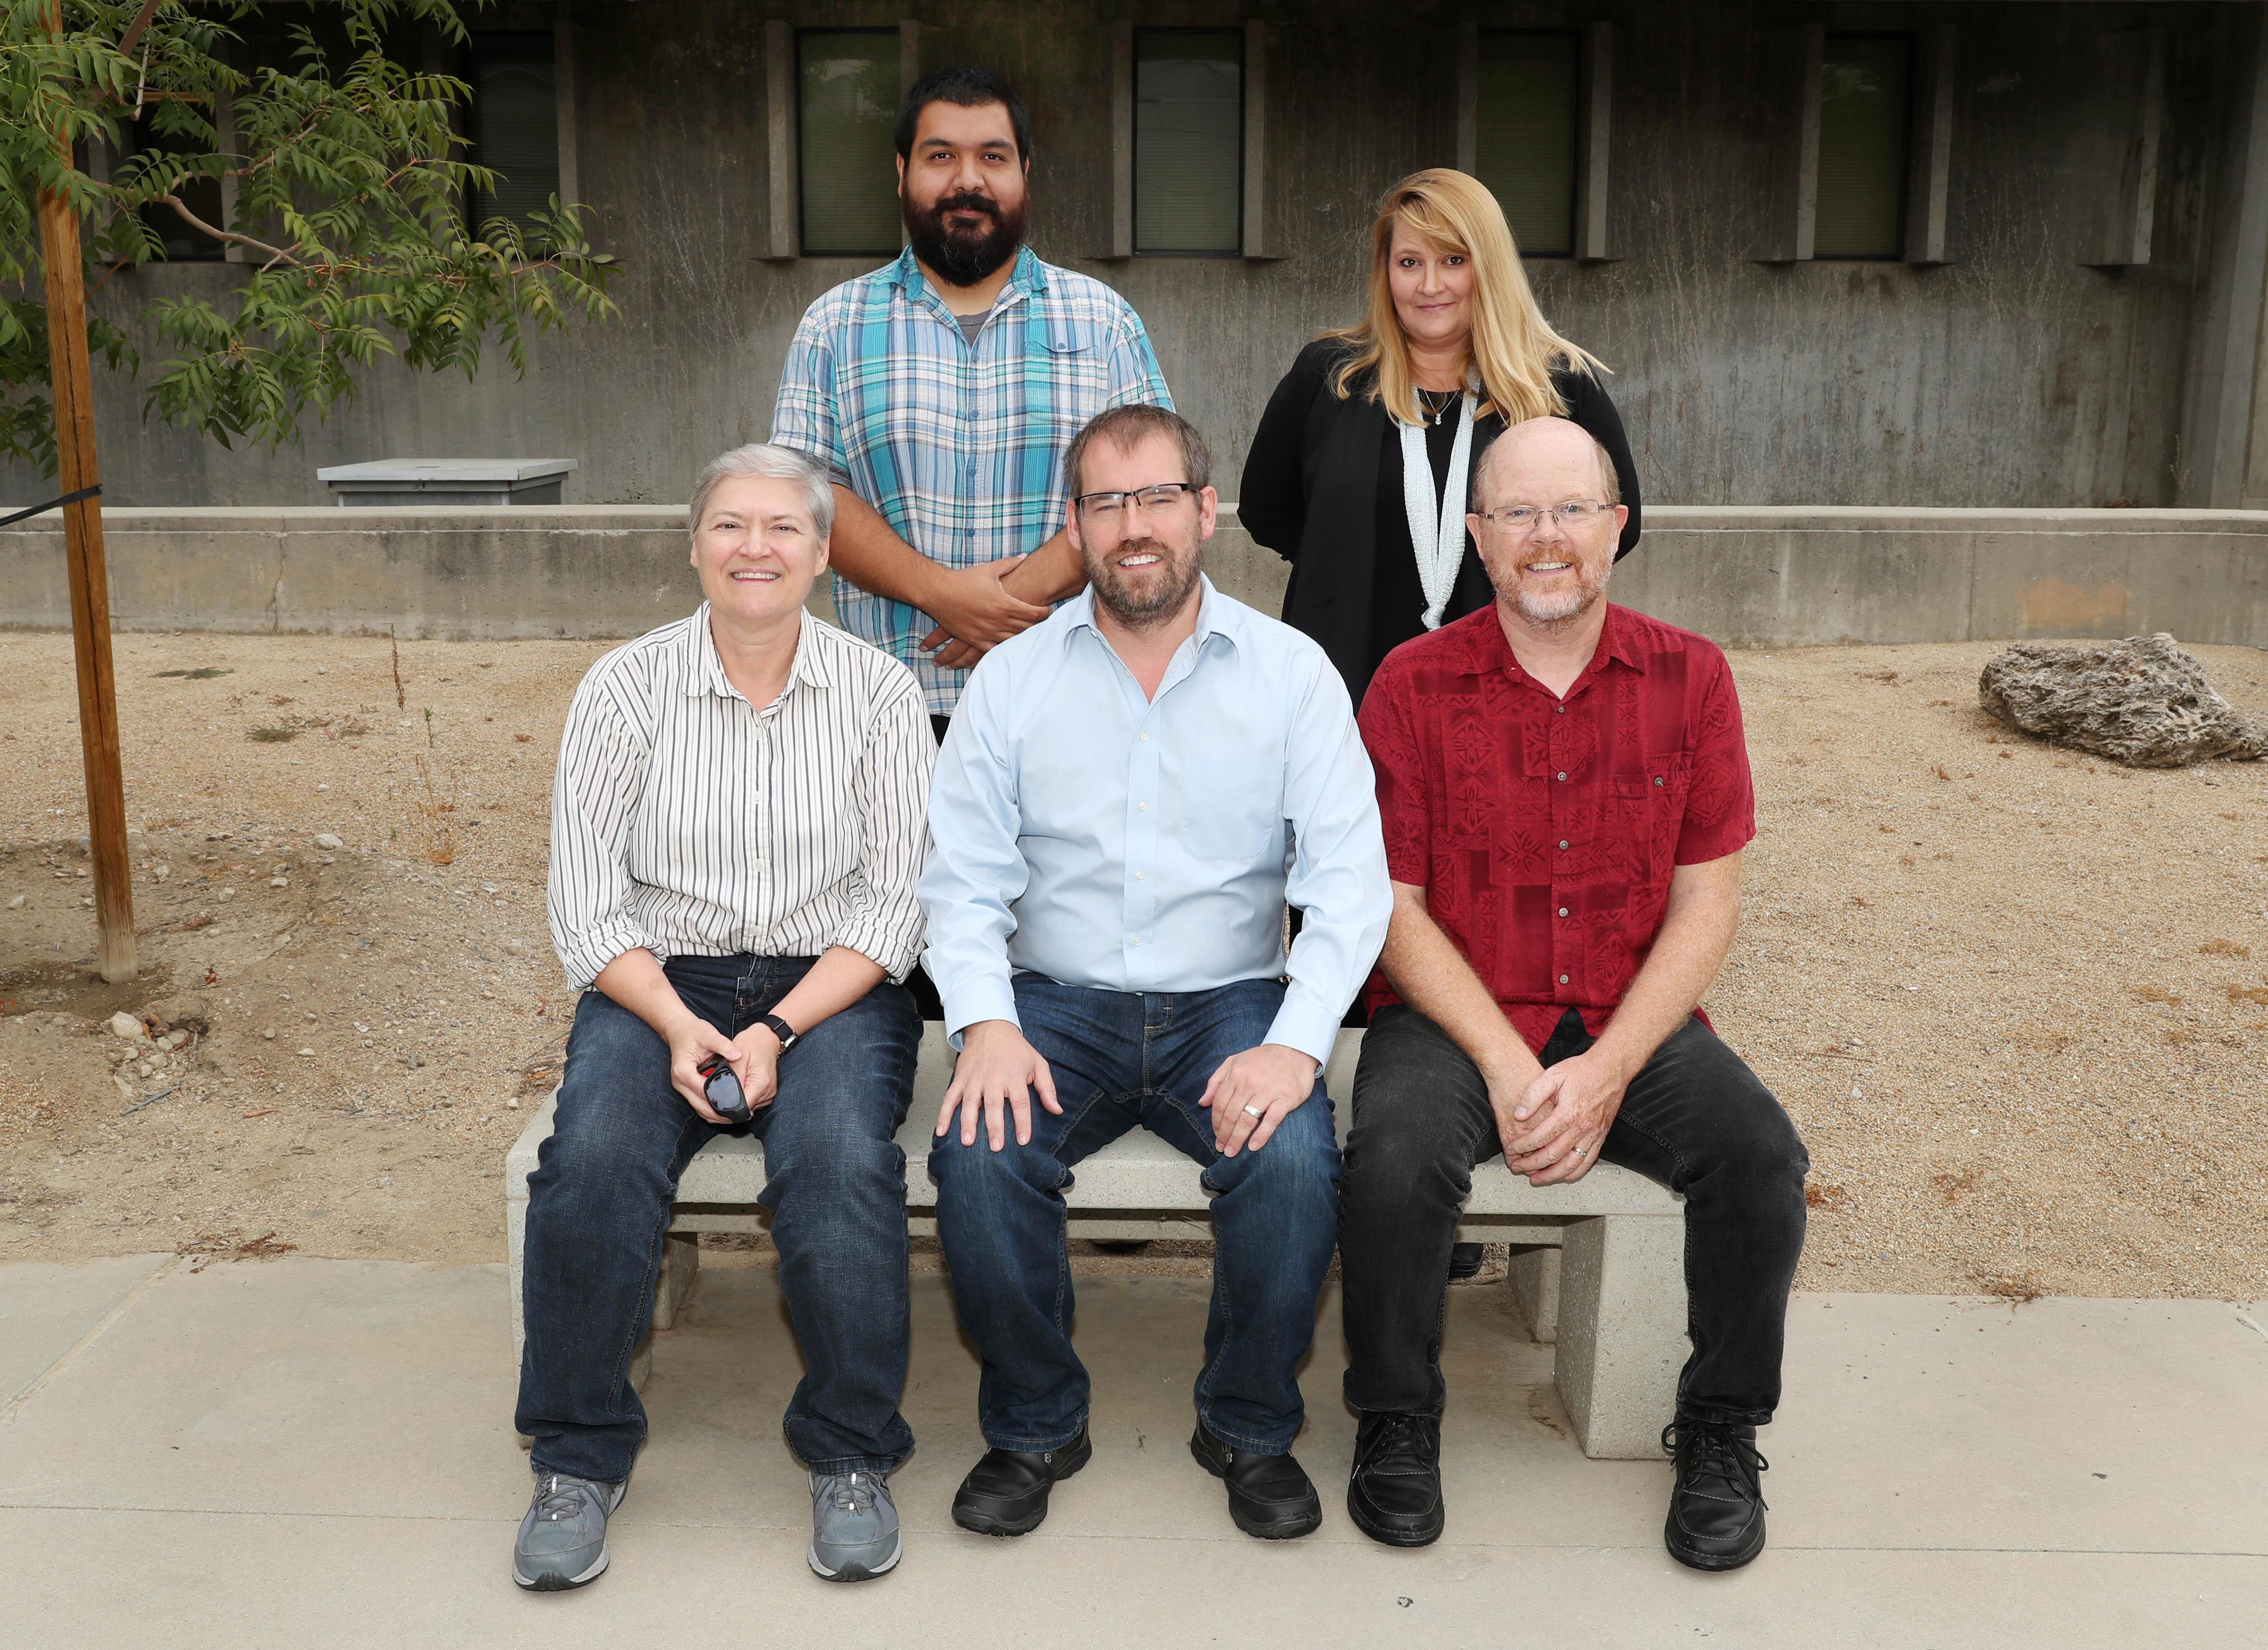 """Top from left:  Ismael """"Izzy"""" Diaz and Janelle Gilbert; bottom from left, Jan Kottke, Mark Agars and Ken Shultz."""